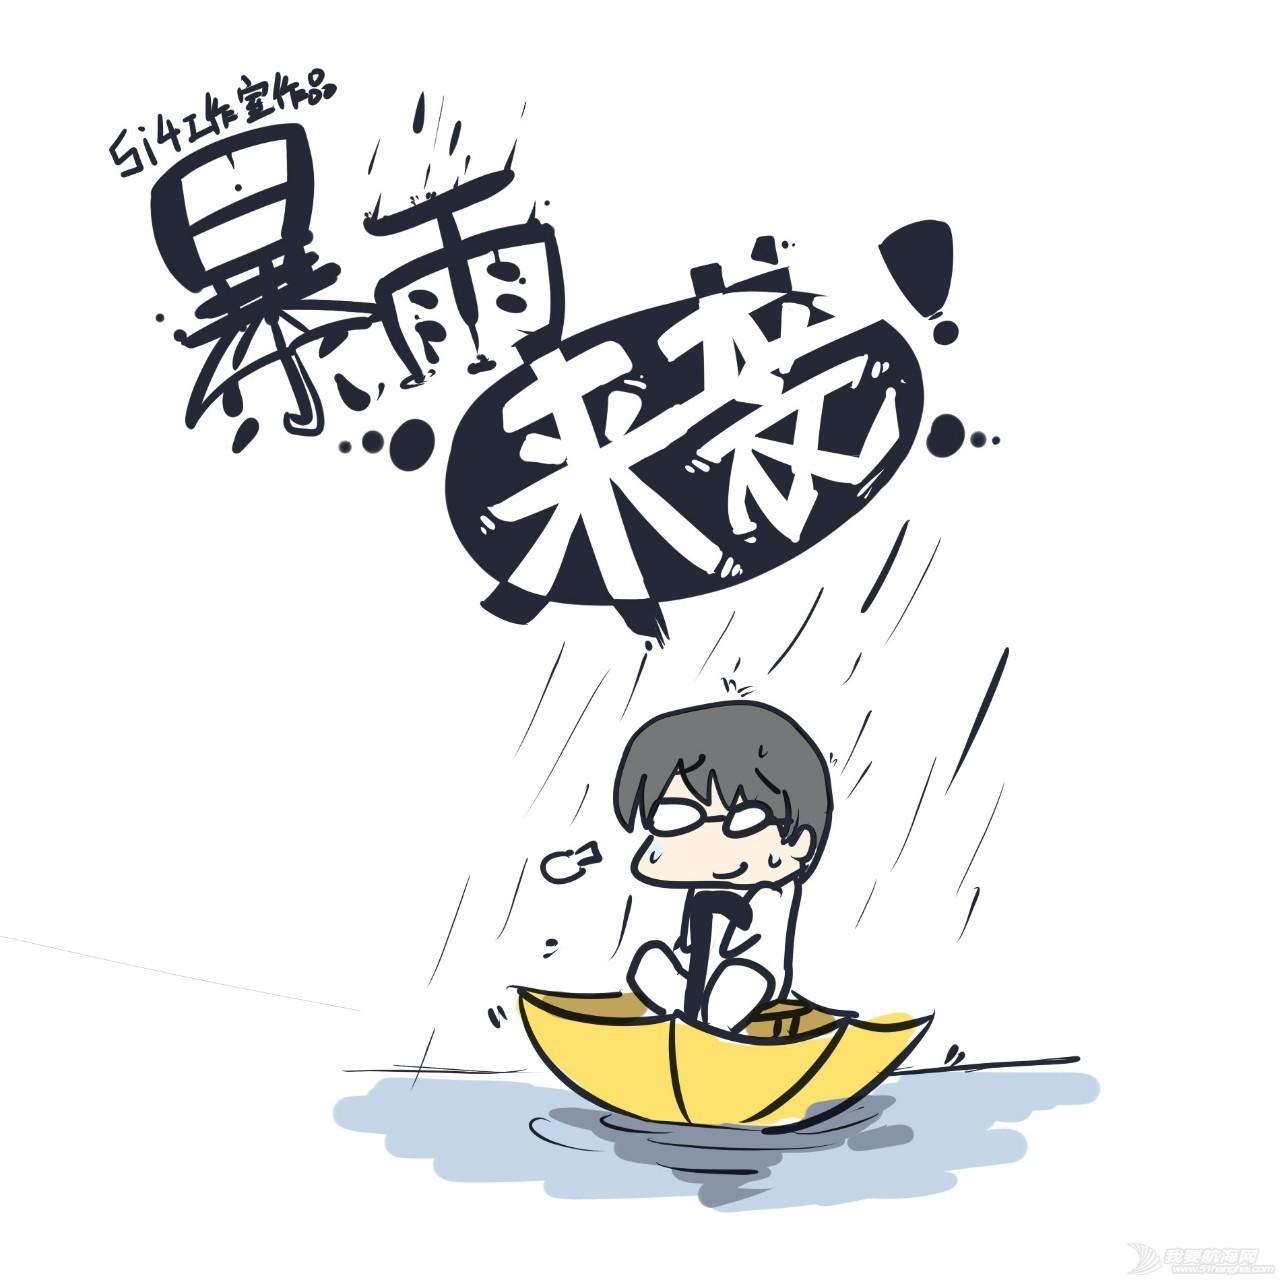 湘江杯国际帆船赛面临挑战 五大措施确保比赛顺利进行 66c5229c75d44fec509d829c9bf65bff.jpg